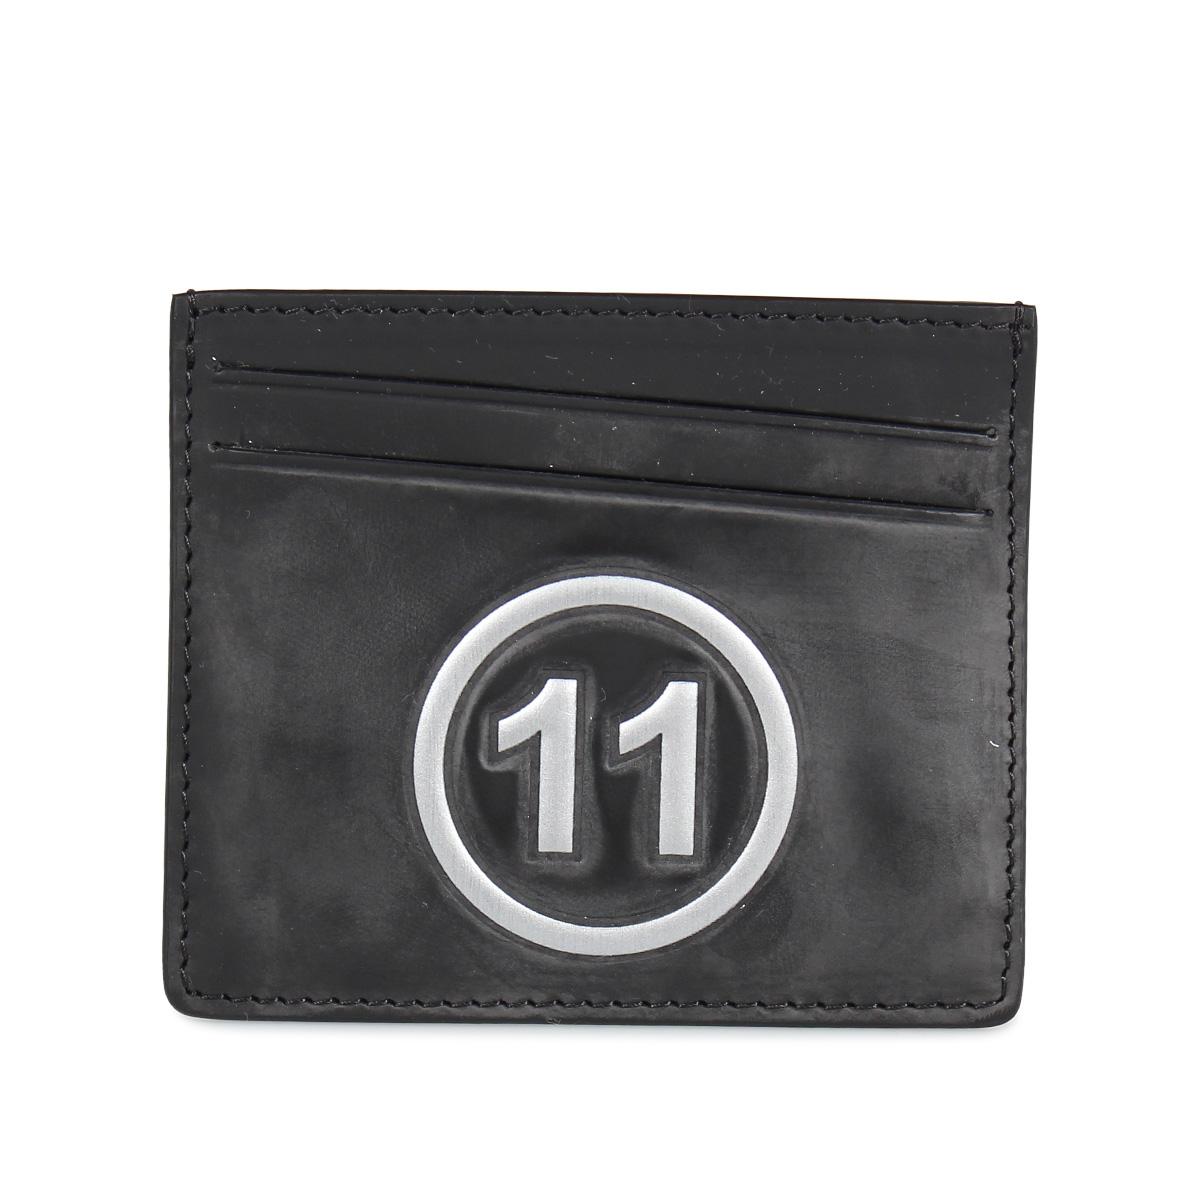 MAISON MARGIELA CARD CASE メゾンマルジェラ カードケース 名刺入れ 定期入れ メンズ レディース レザー ブラック 黒 S35UI0432 P0047